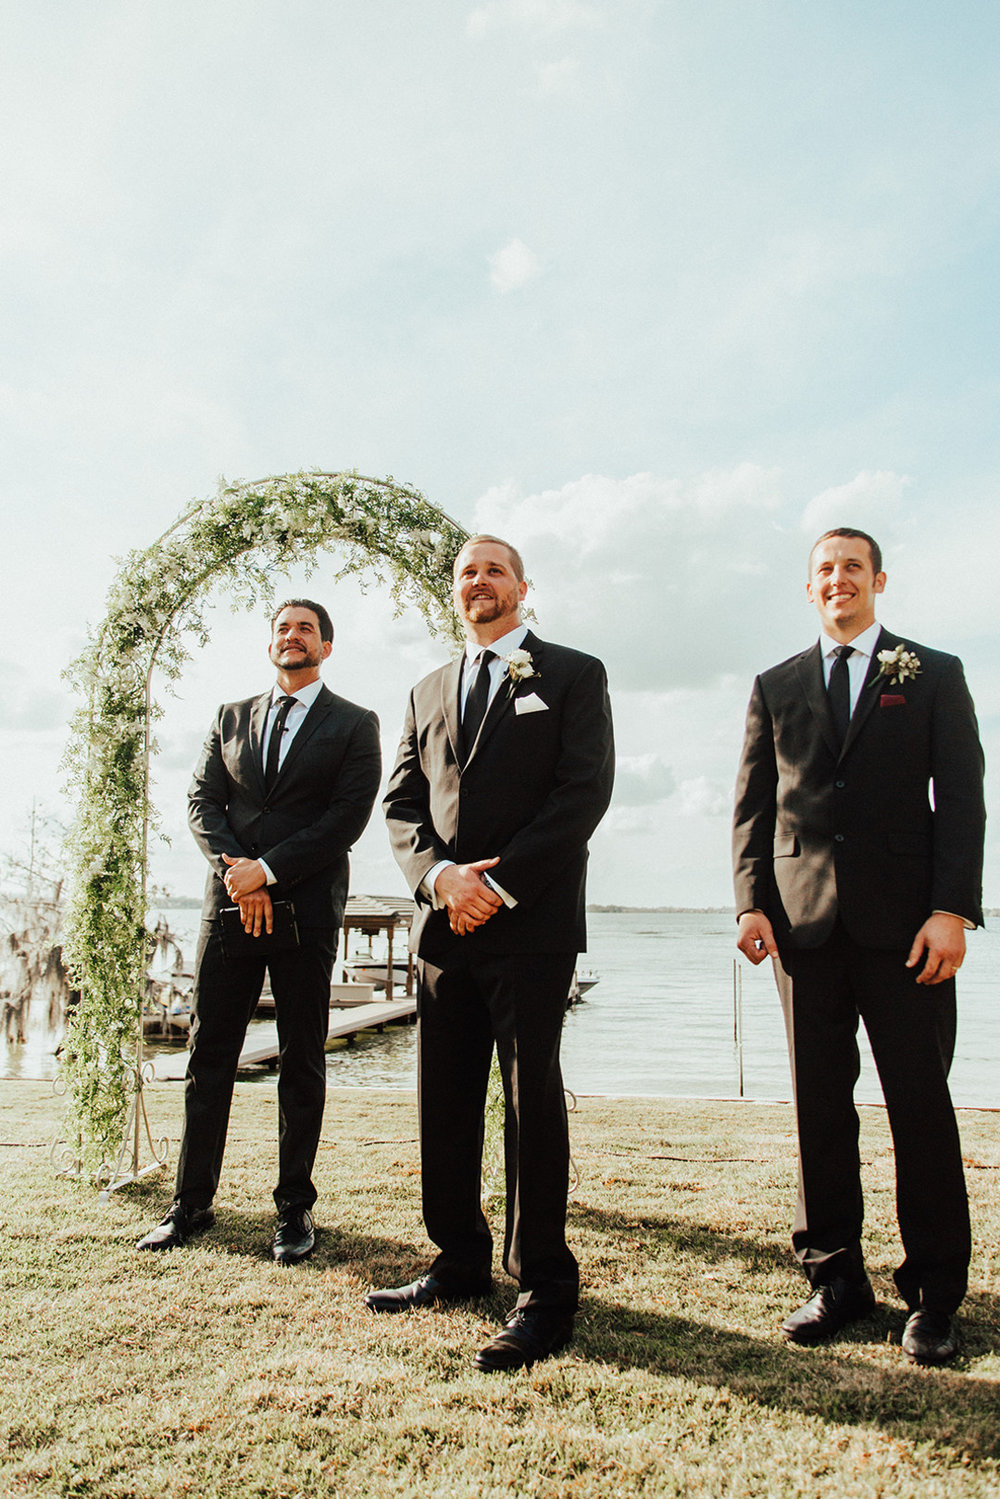 bröllop+vigsel+båt+brudgum